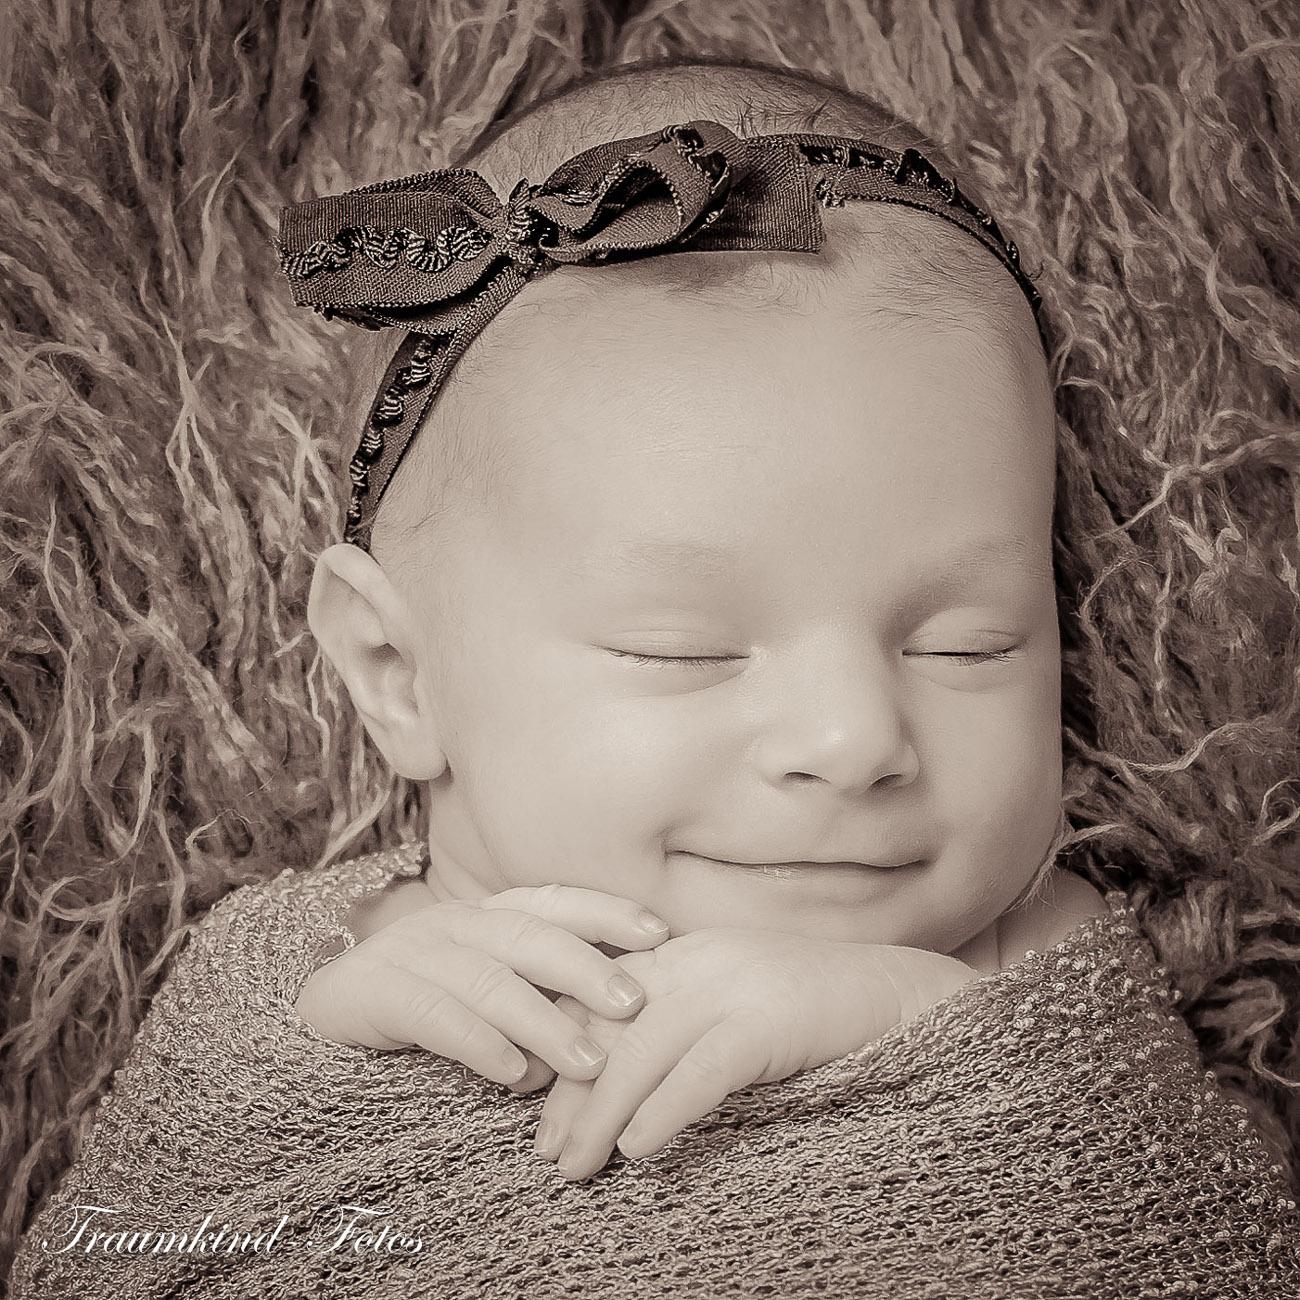 Traumkind Fotos Newborn Fotos Essen 12 1 - Babyfotos